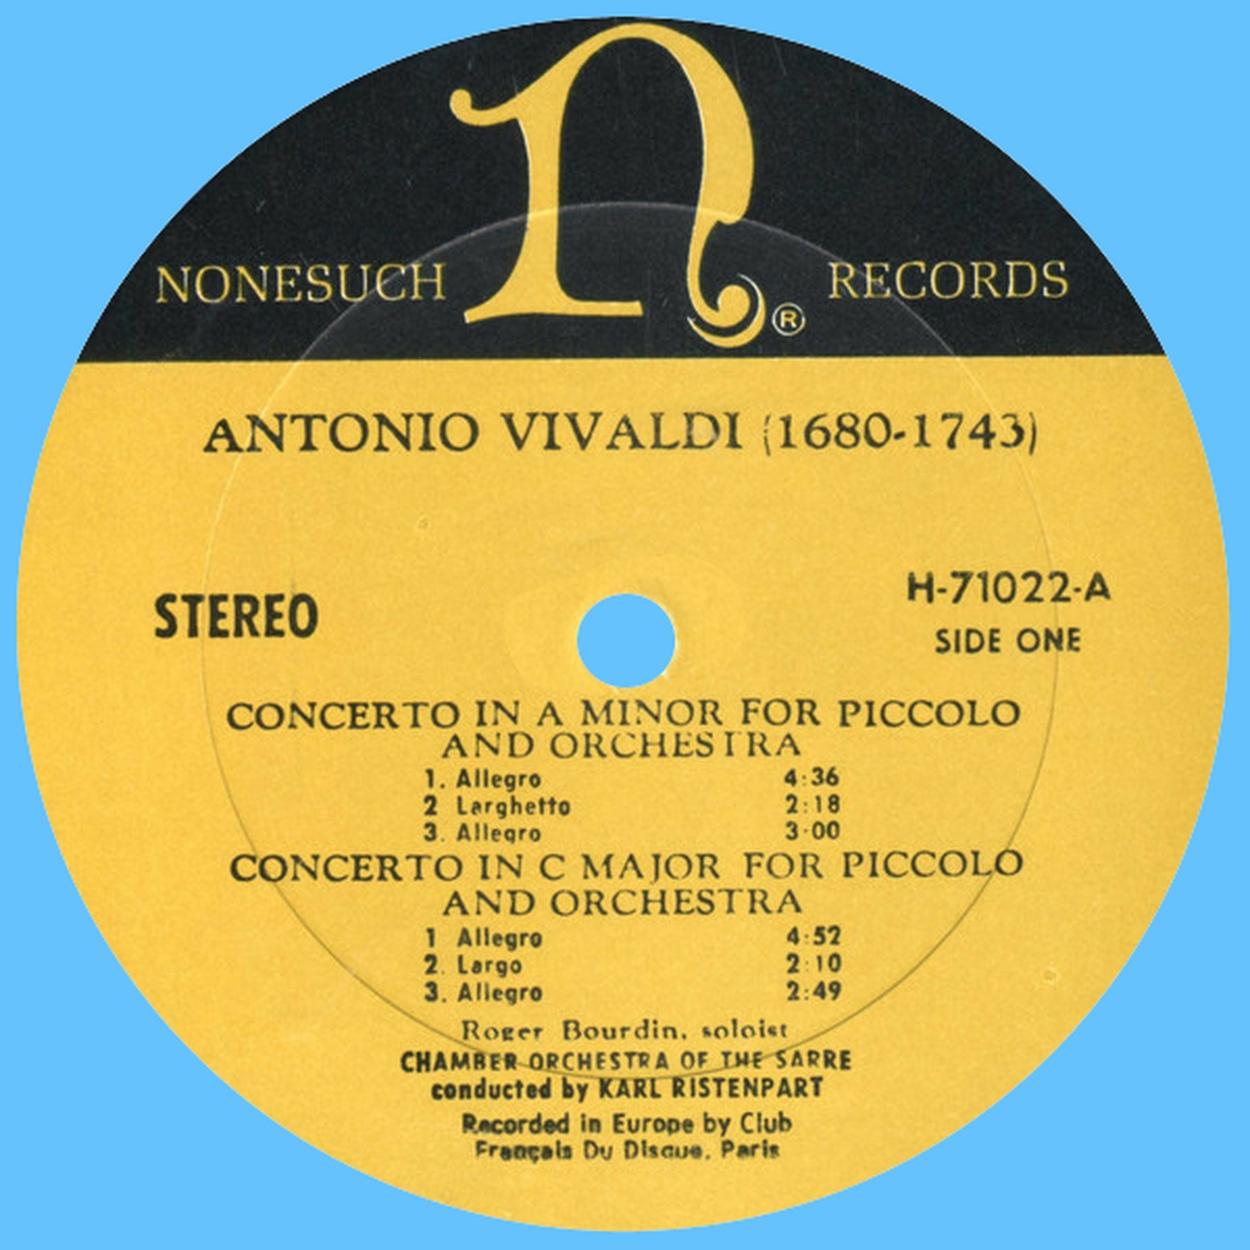 Étiquette recto du disque Nonesuch H 71022